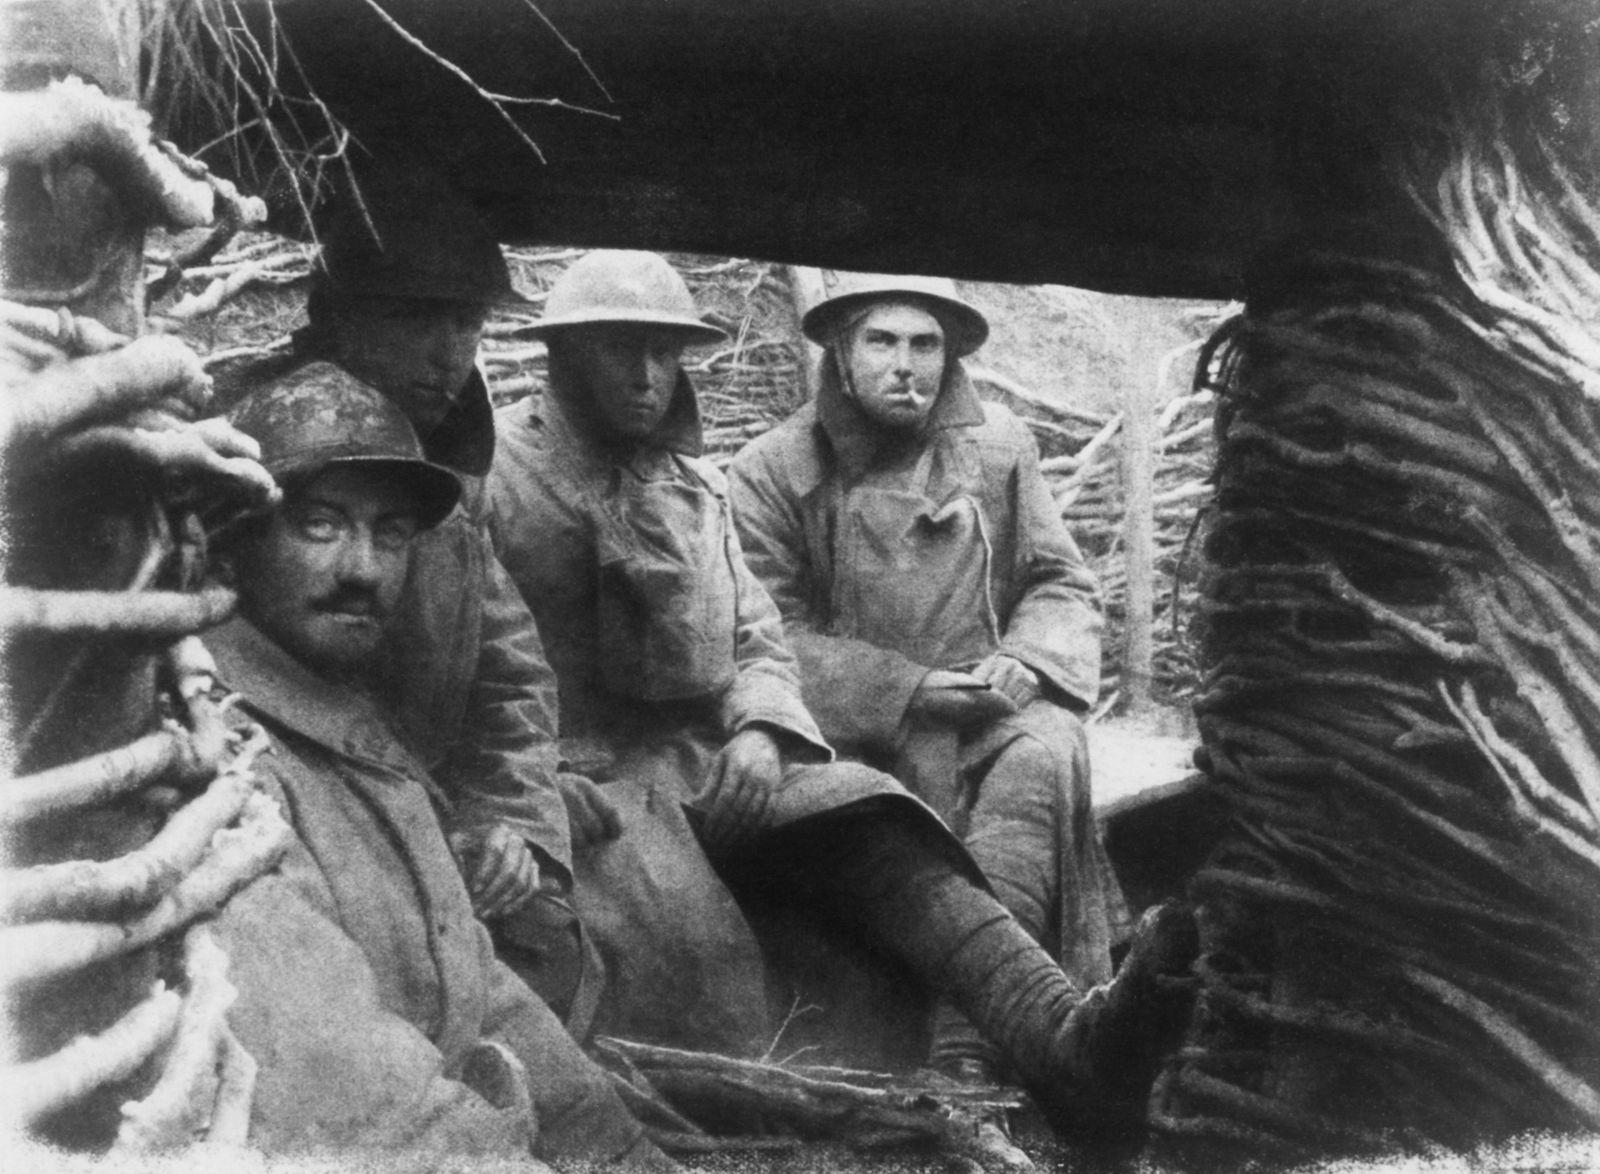 Kriegszitterer - 1.WK: Westfront: US-Soldaten und Franzosen im Unterstand